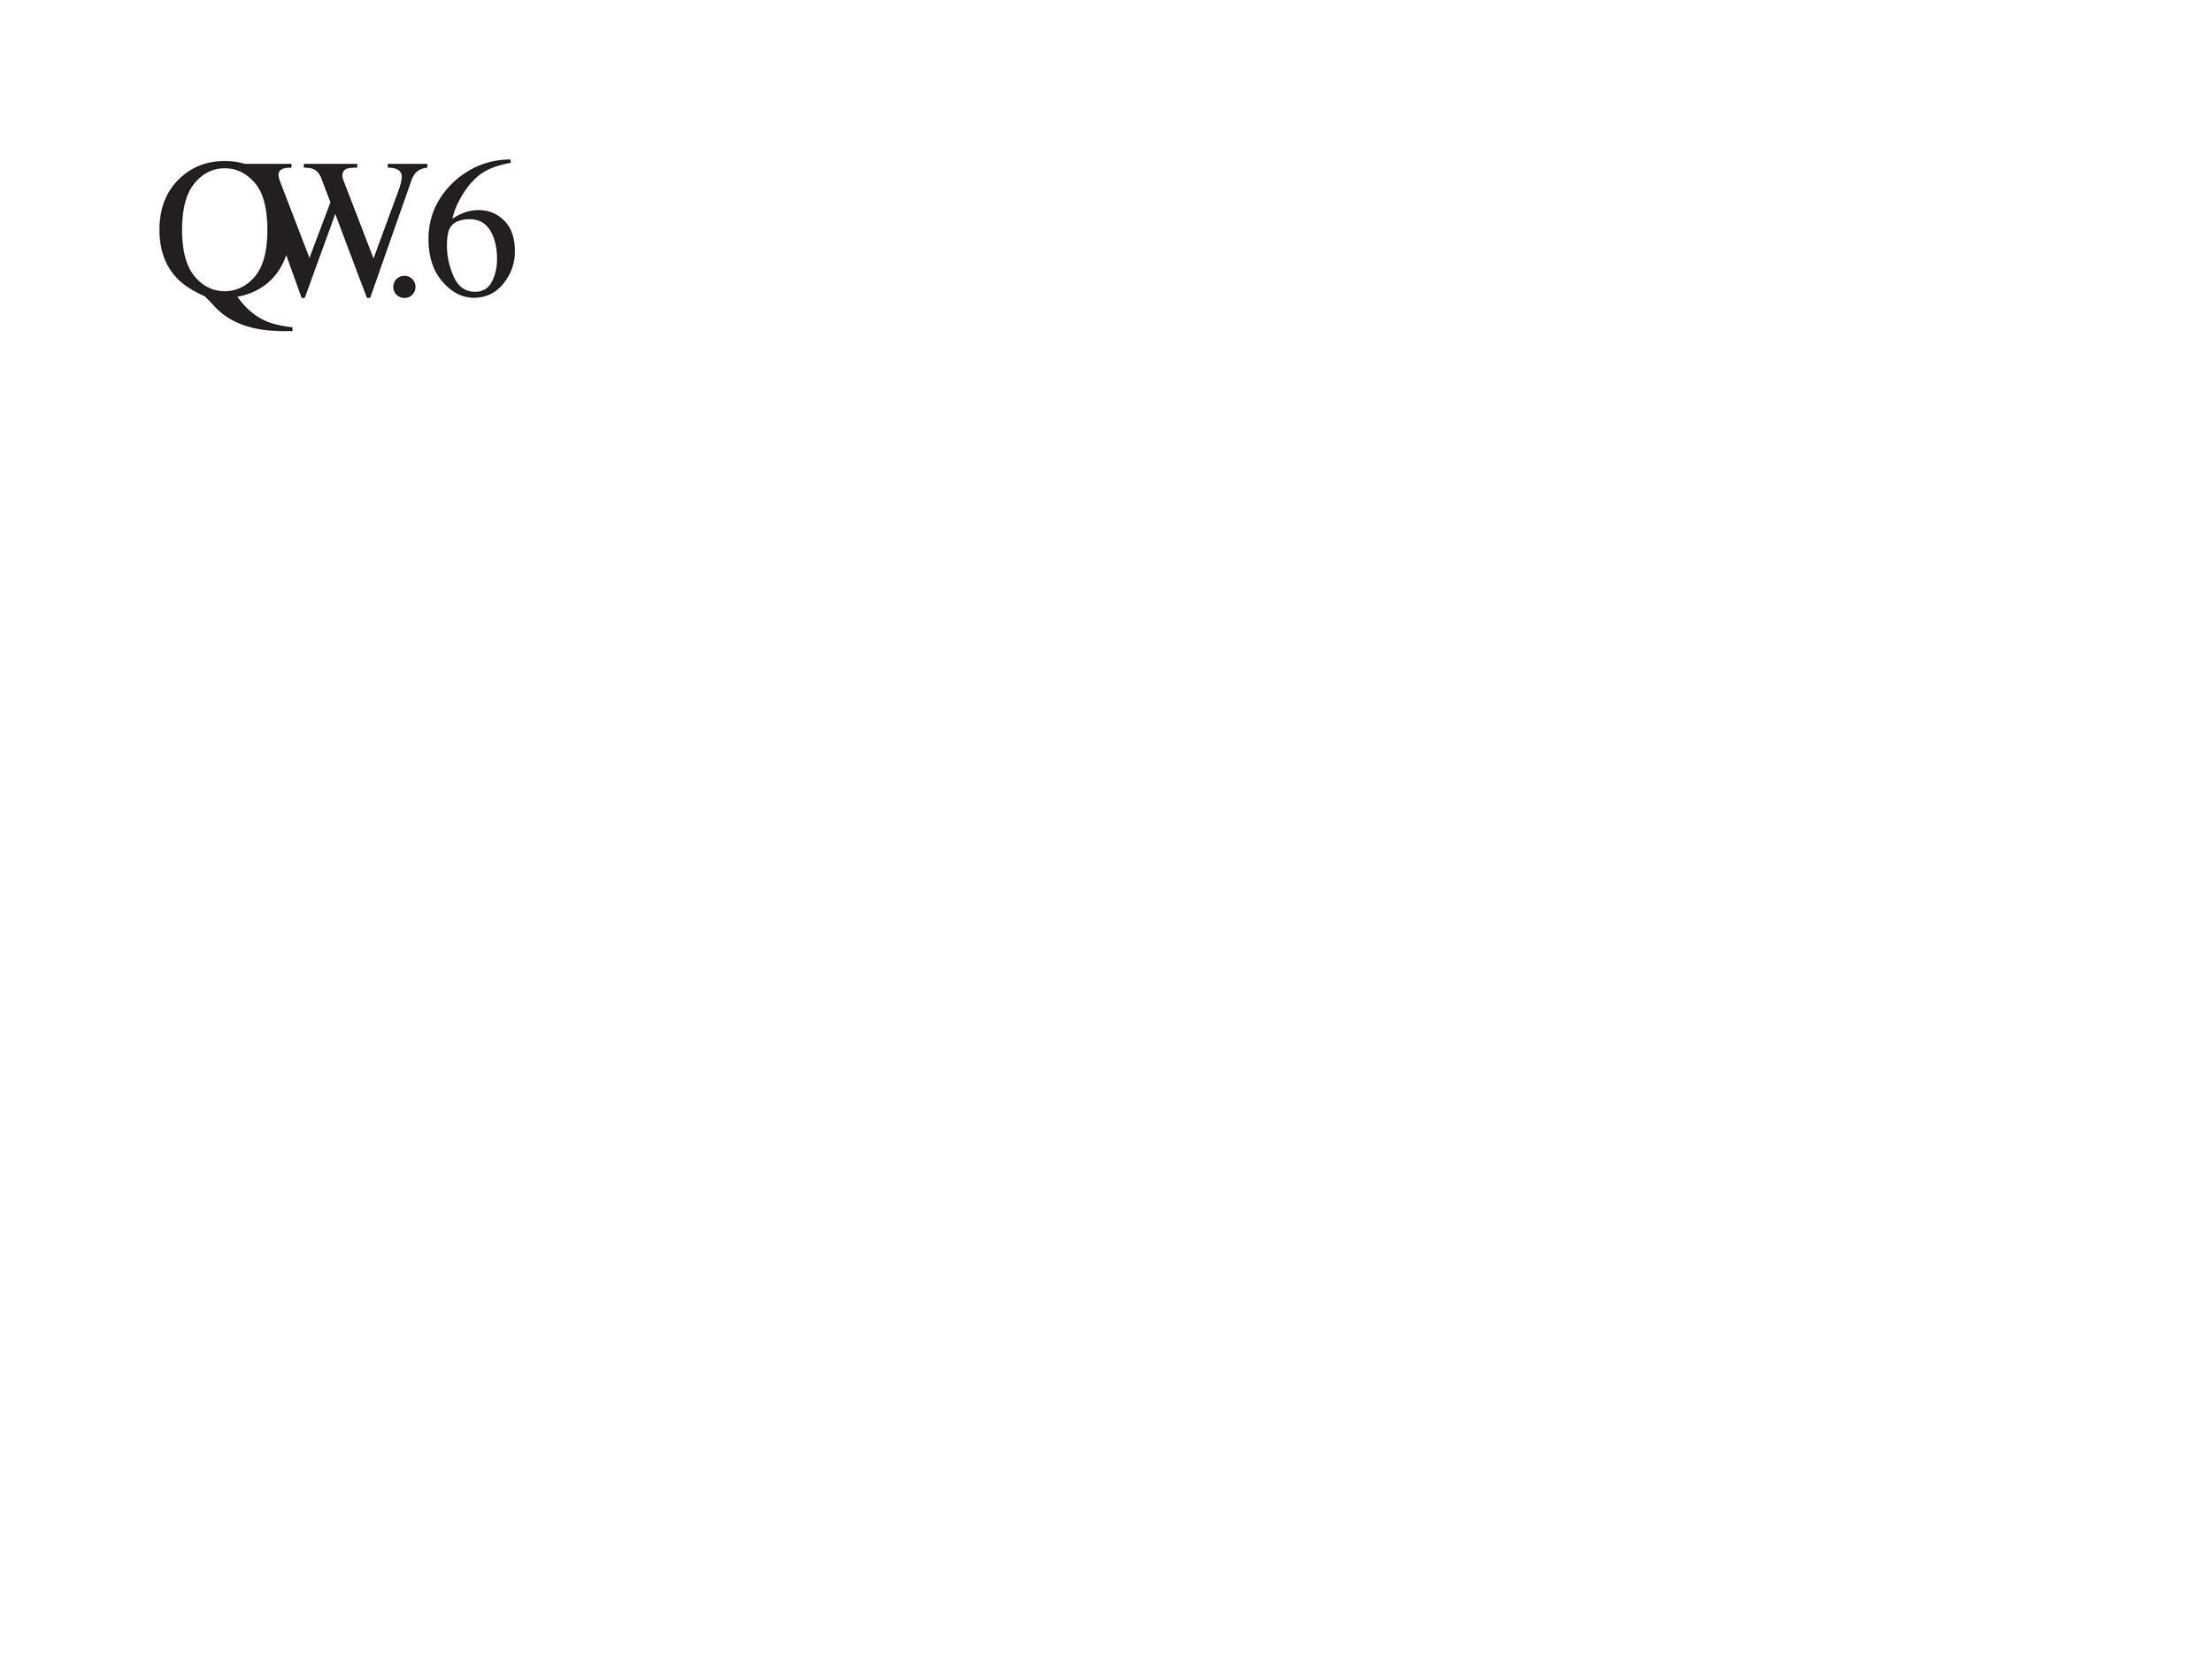 Senza Titolo (QW6)